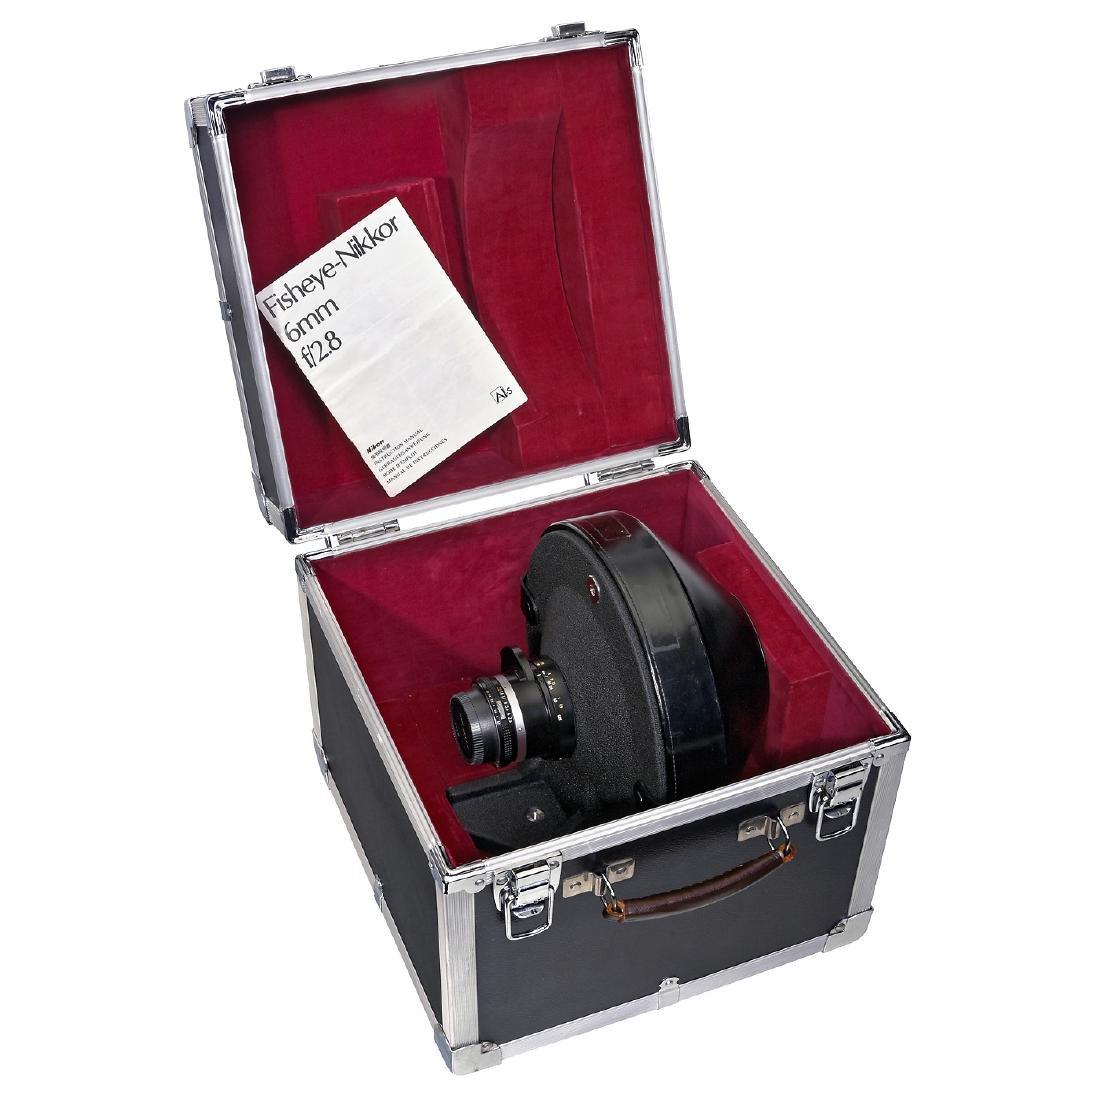 Nikon Fisheye-Nikkor 2,8/6 mm, AI-S, c. 1977 - 10